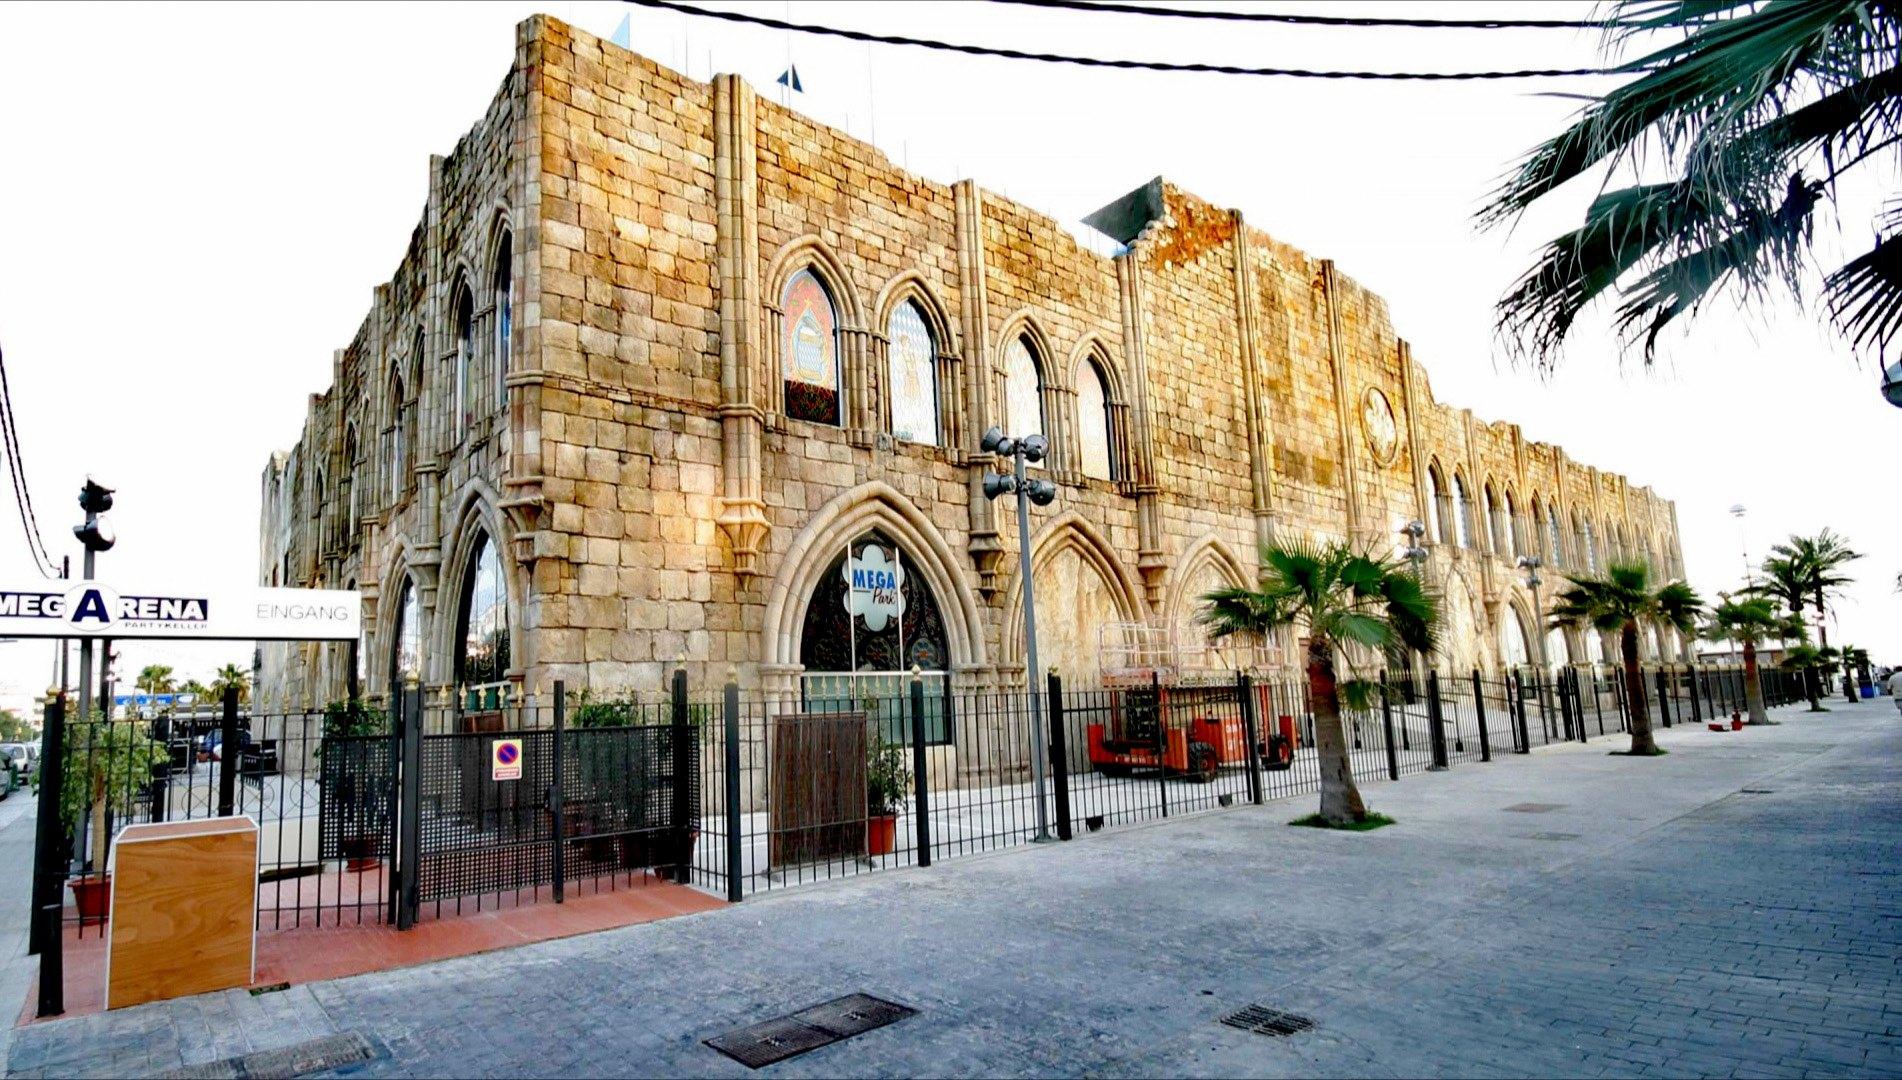 Megapark Playa de Palma